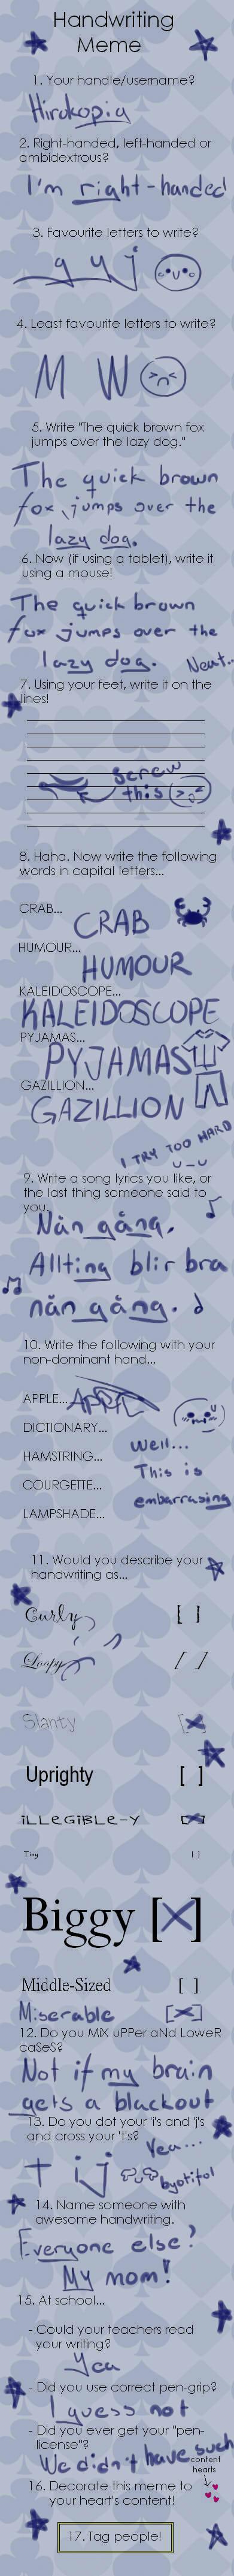 Handwriting meme by Heise-kun